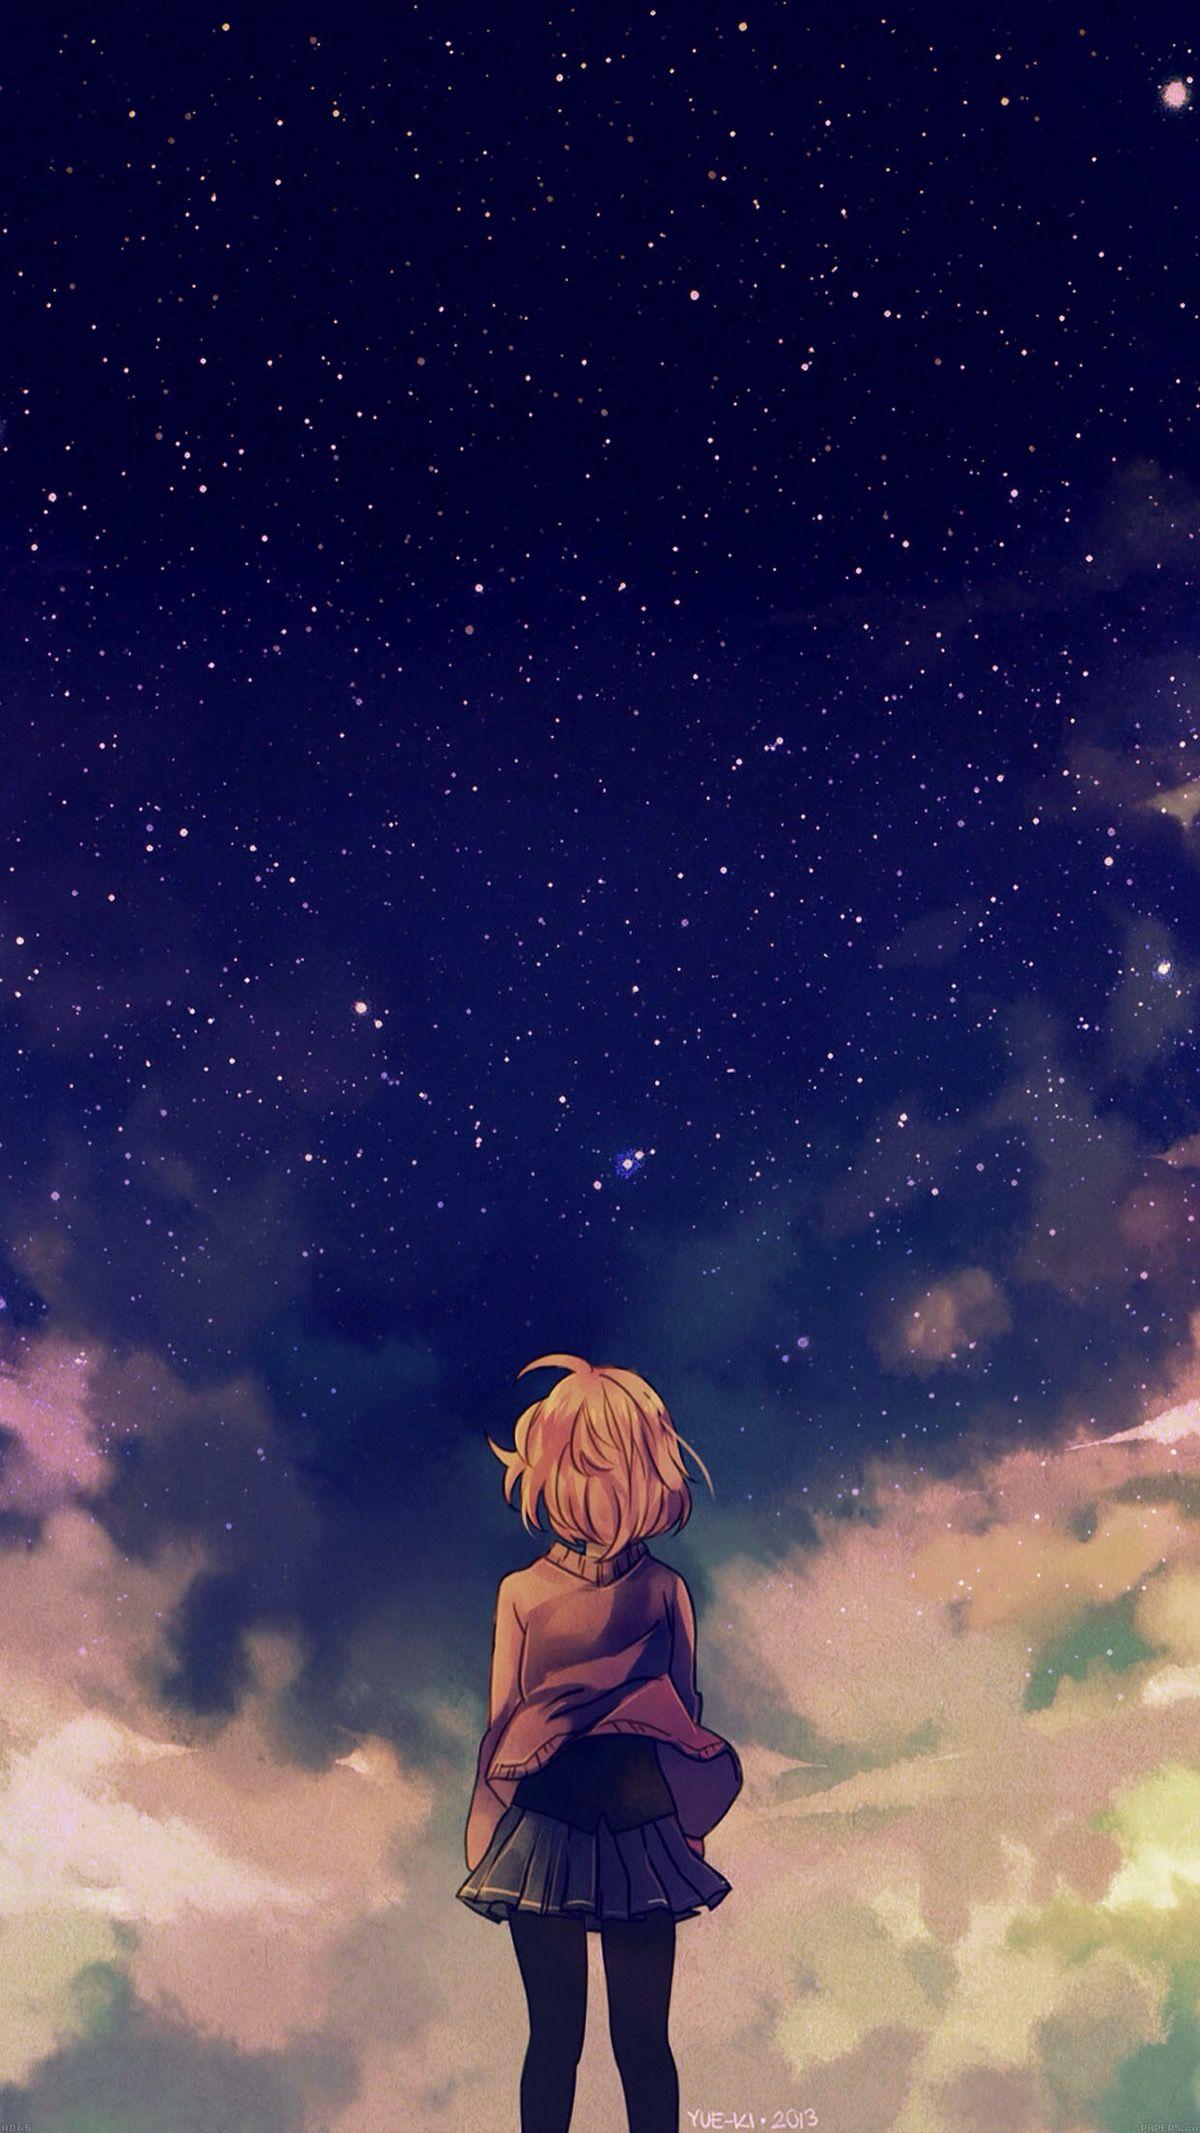 Las estrellas #no las estrellas que iluminan tu ser